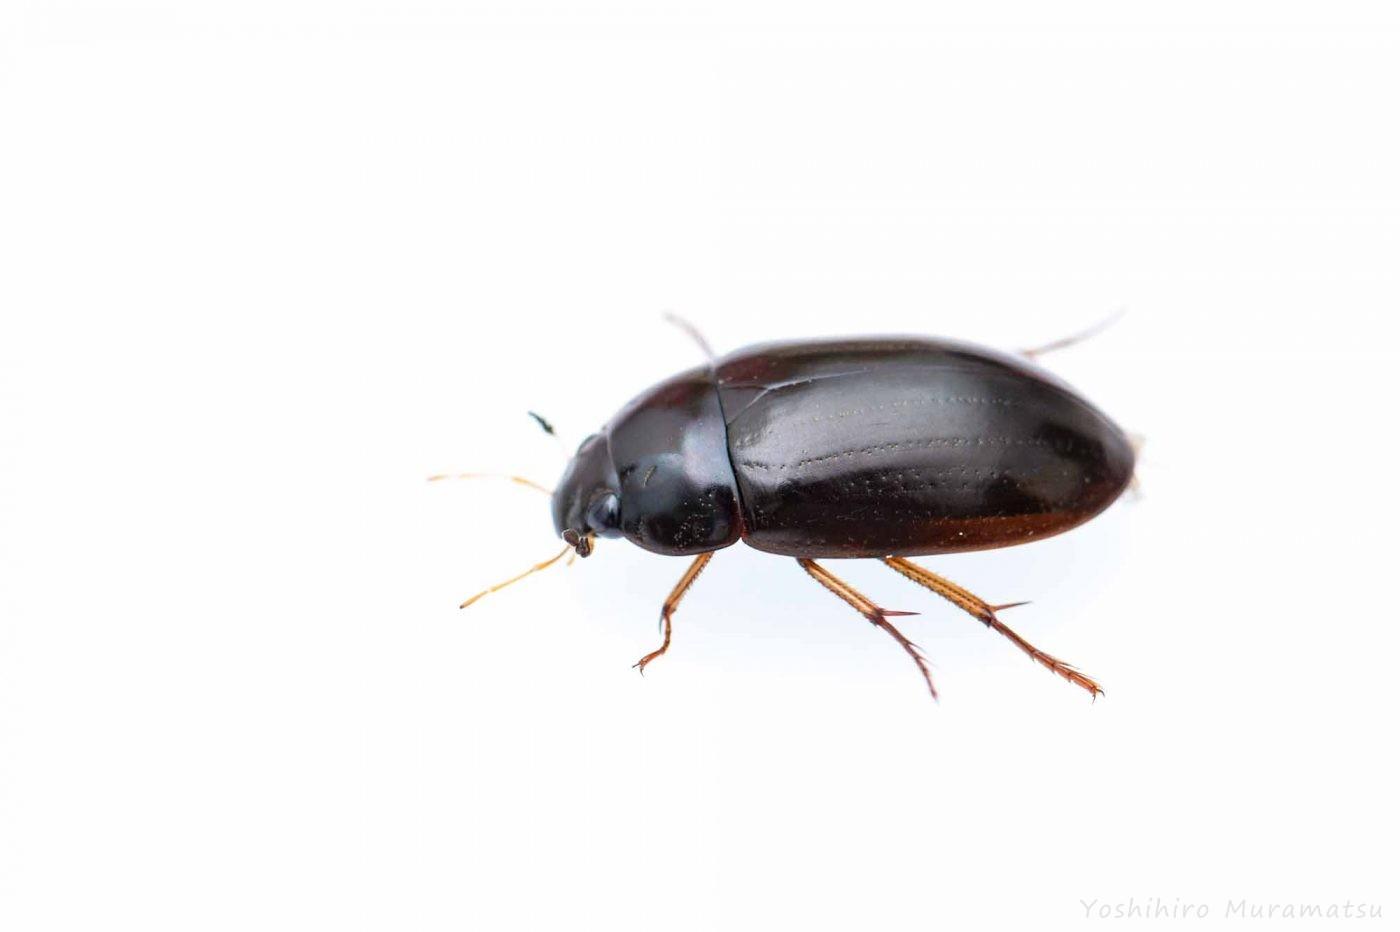 コガムシの写真